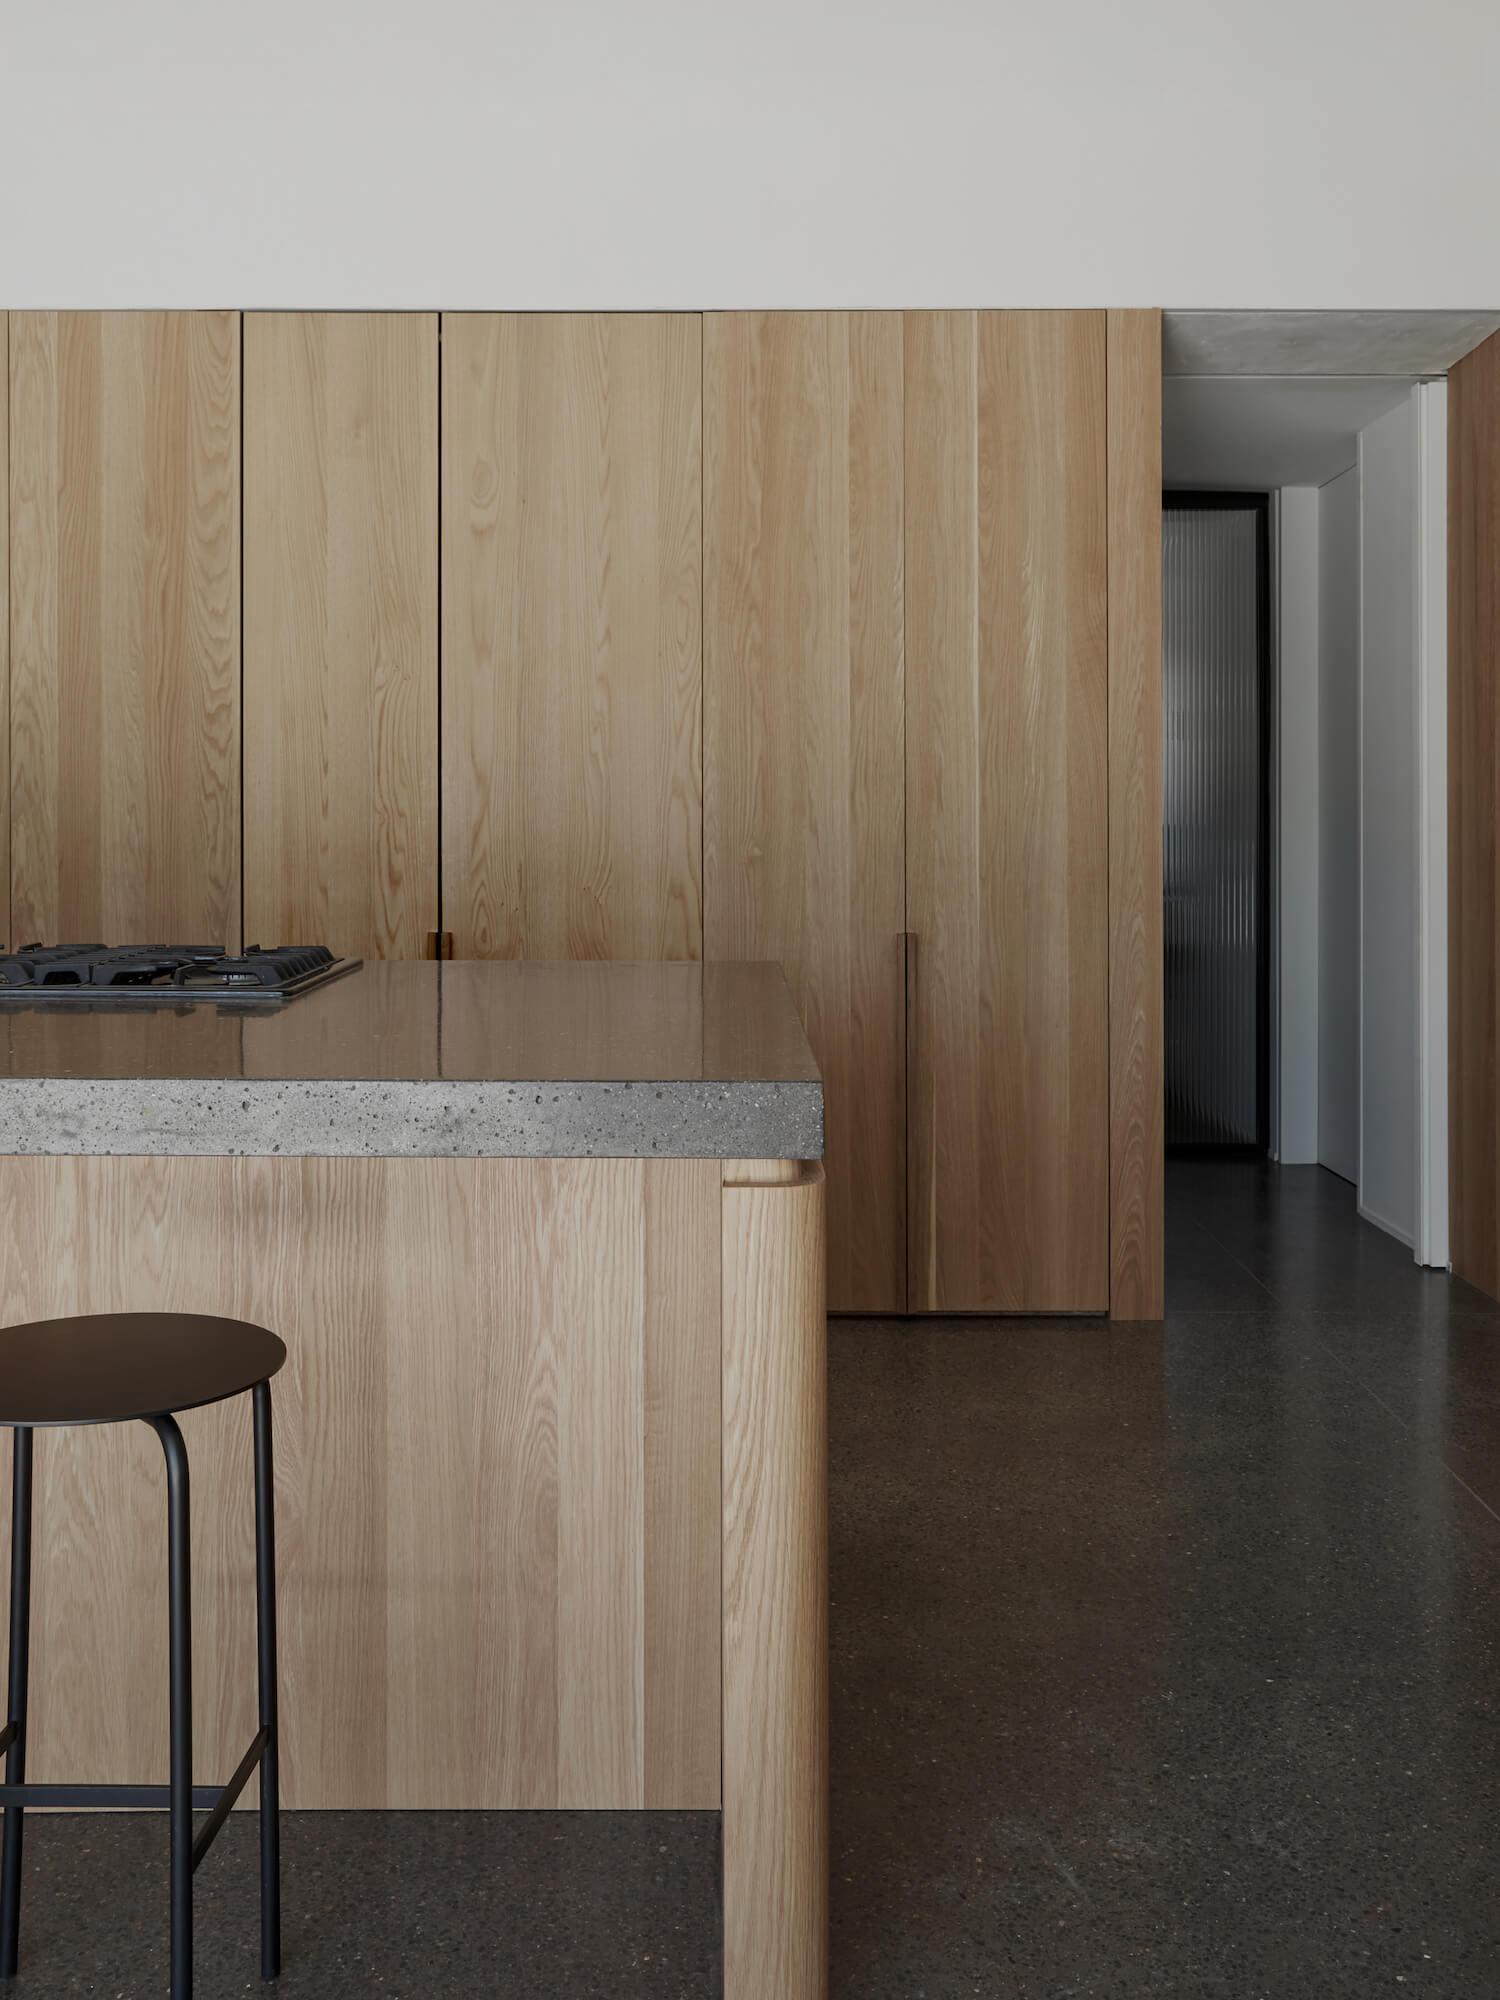 est living gathier residence atelier barda 9